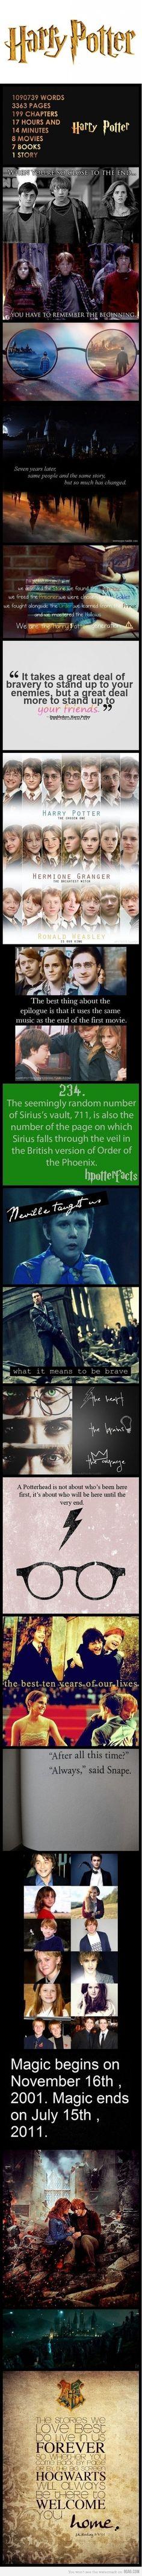 Harry Potter Forever